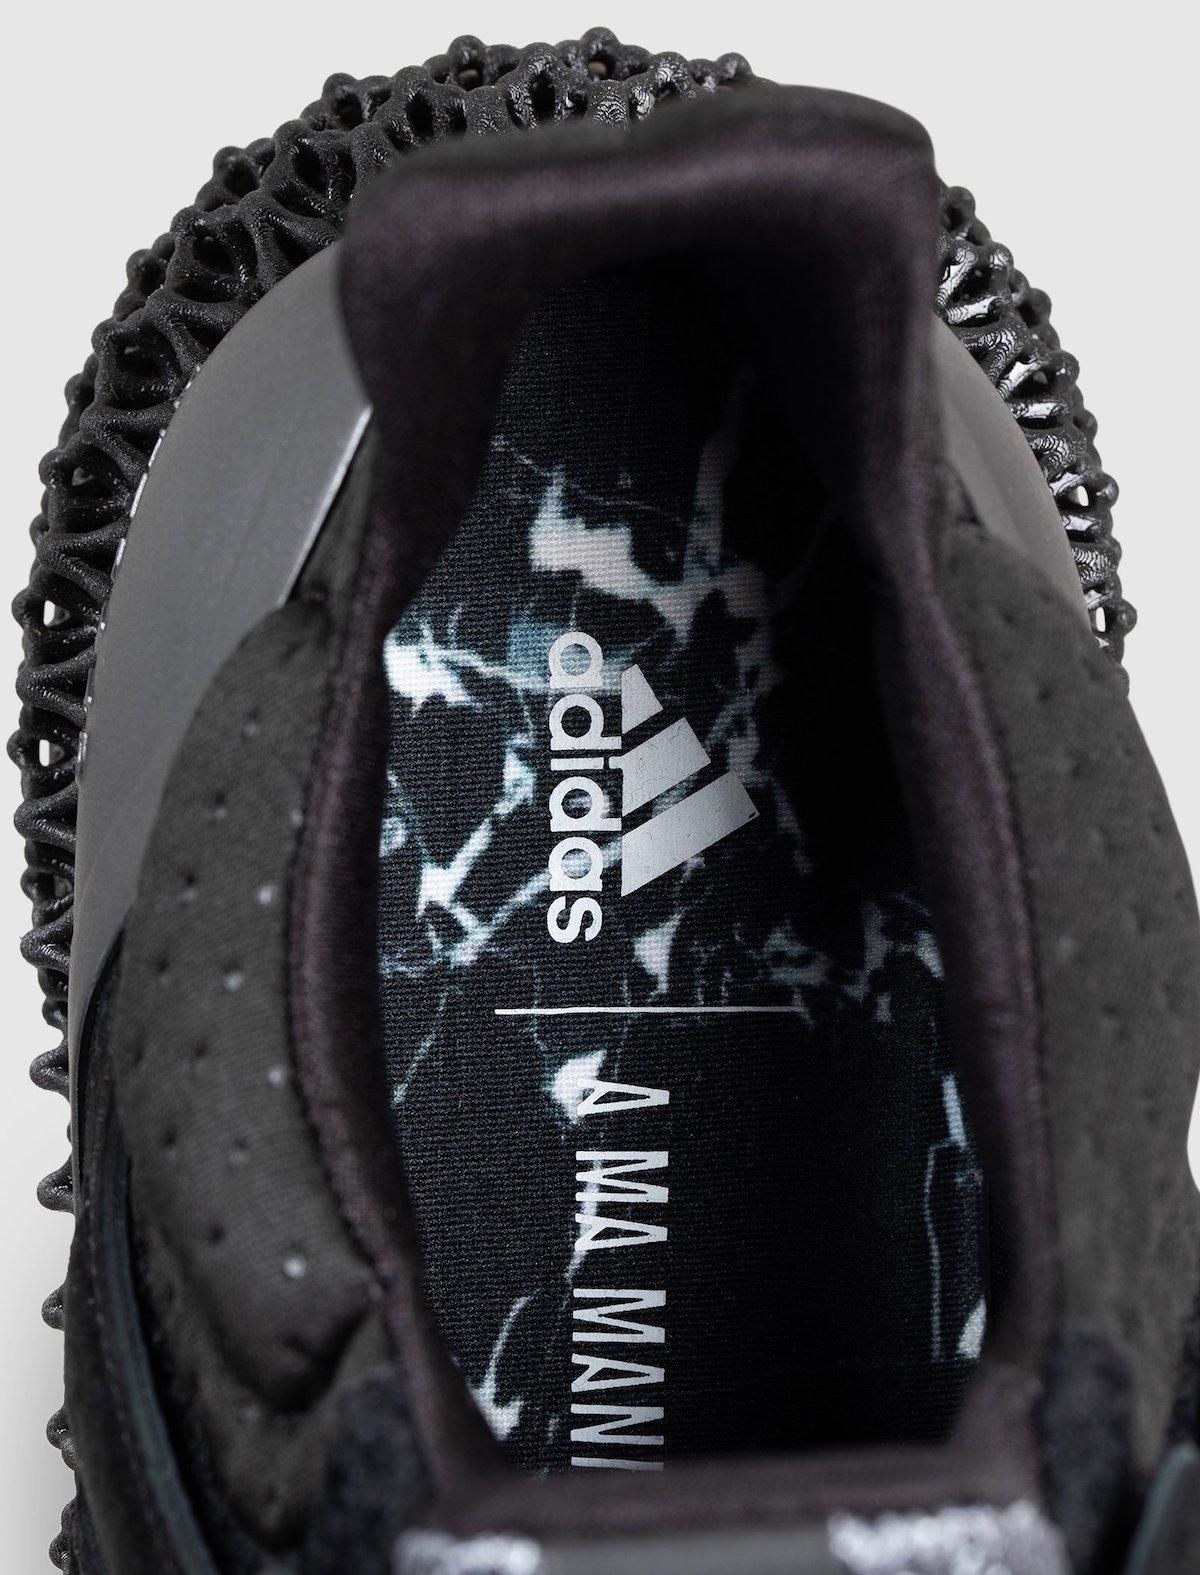 A Ma Maniere adidas Ultra 4D G55274 Release Date